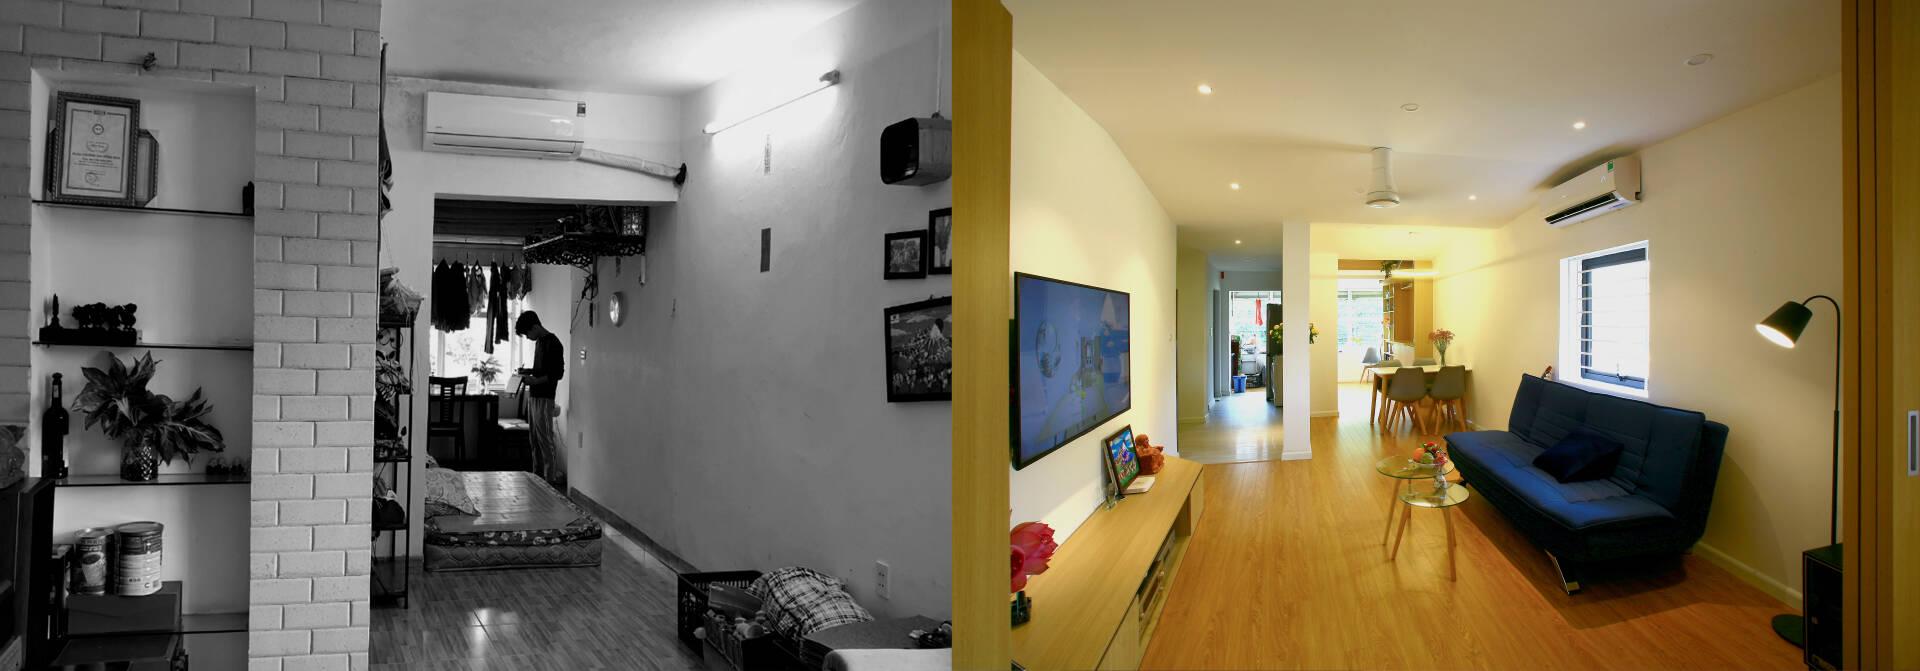 """""""Chuồng cọp"""" chật hẹp của nhà tập thể cũ 70m² biến thành không gian ấm cúng, rộng rãi với chi phí 320 triệu đồng ở Hà Nội  - Ảnh 1."""